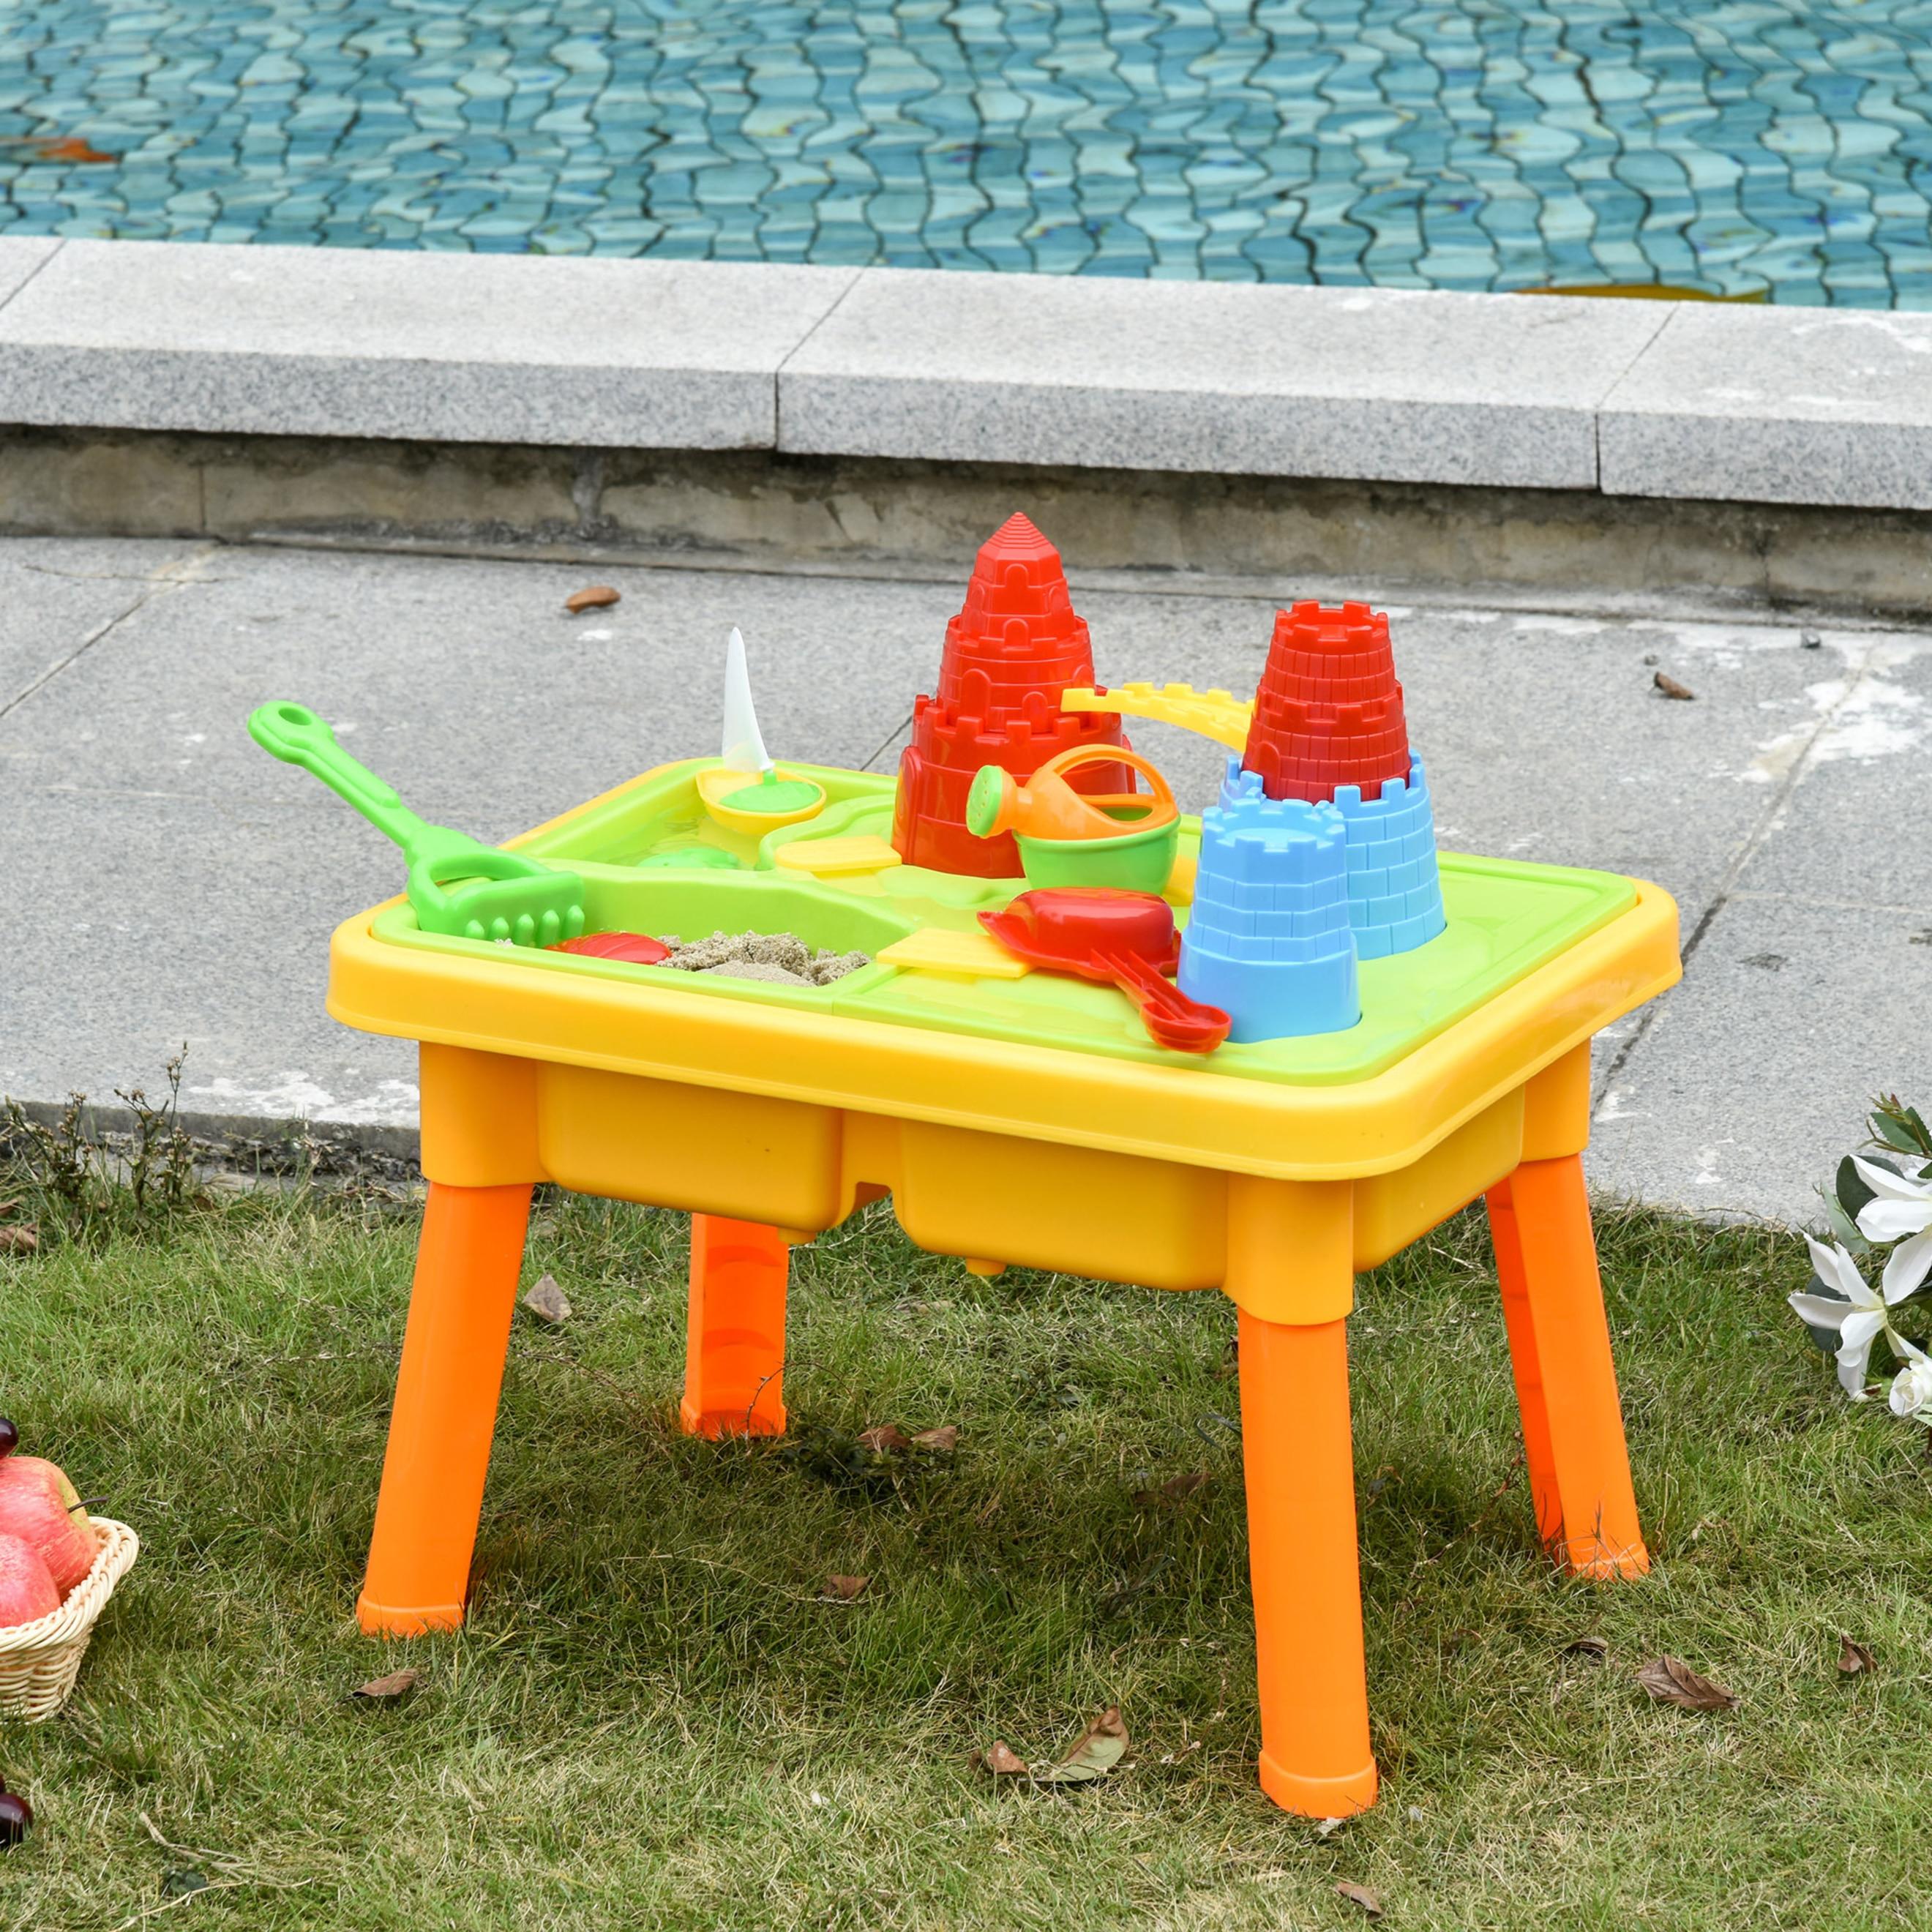 Kinder Sandspielzeug Sandkastentisch mit 23-tlg. Zubehör Spieltisch Strandspielzeug ab 3 Jahren PP Schlossthema 73 x 35 x 70 cm